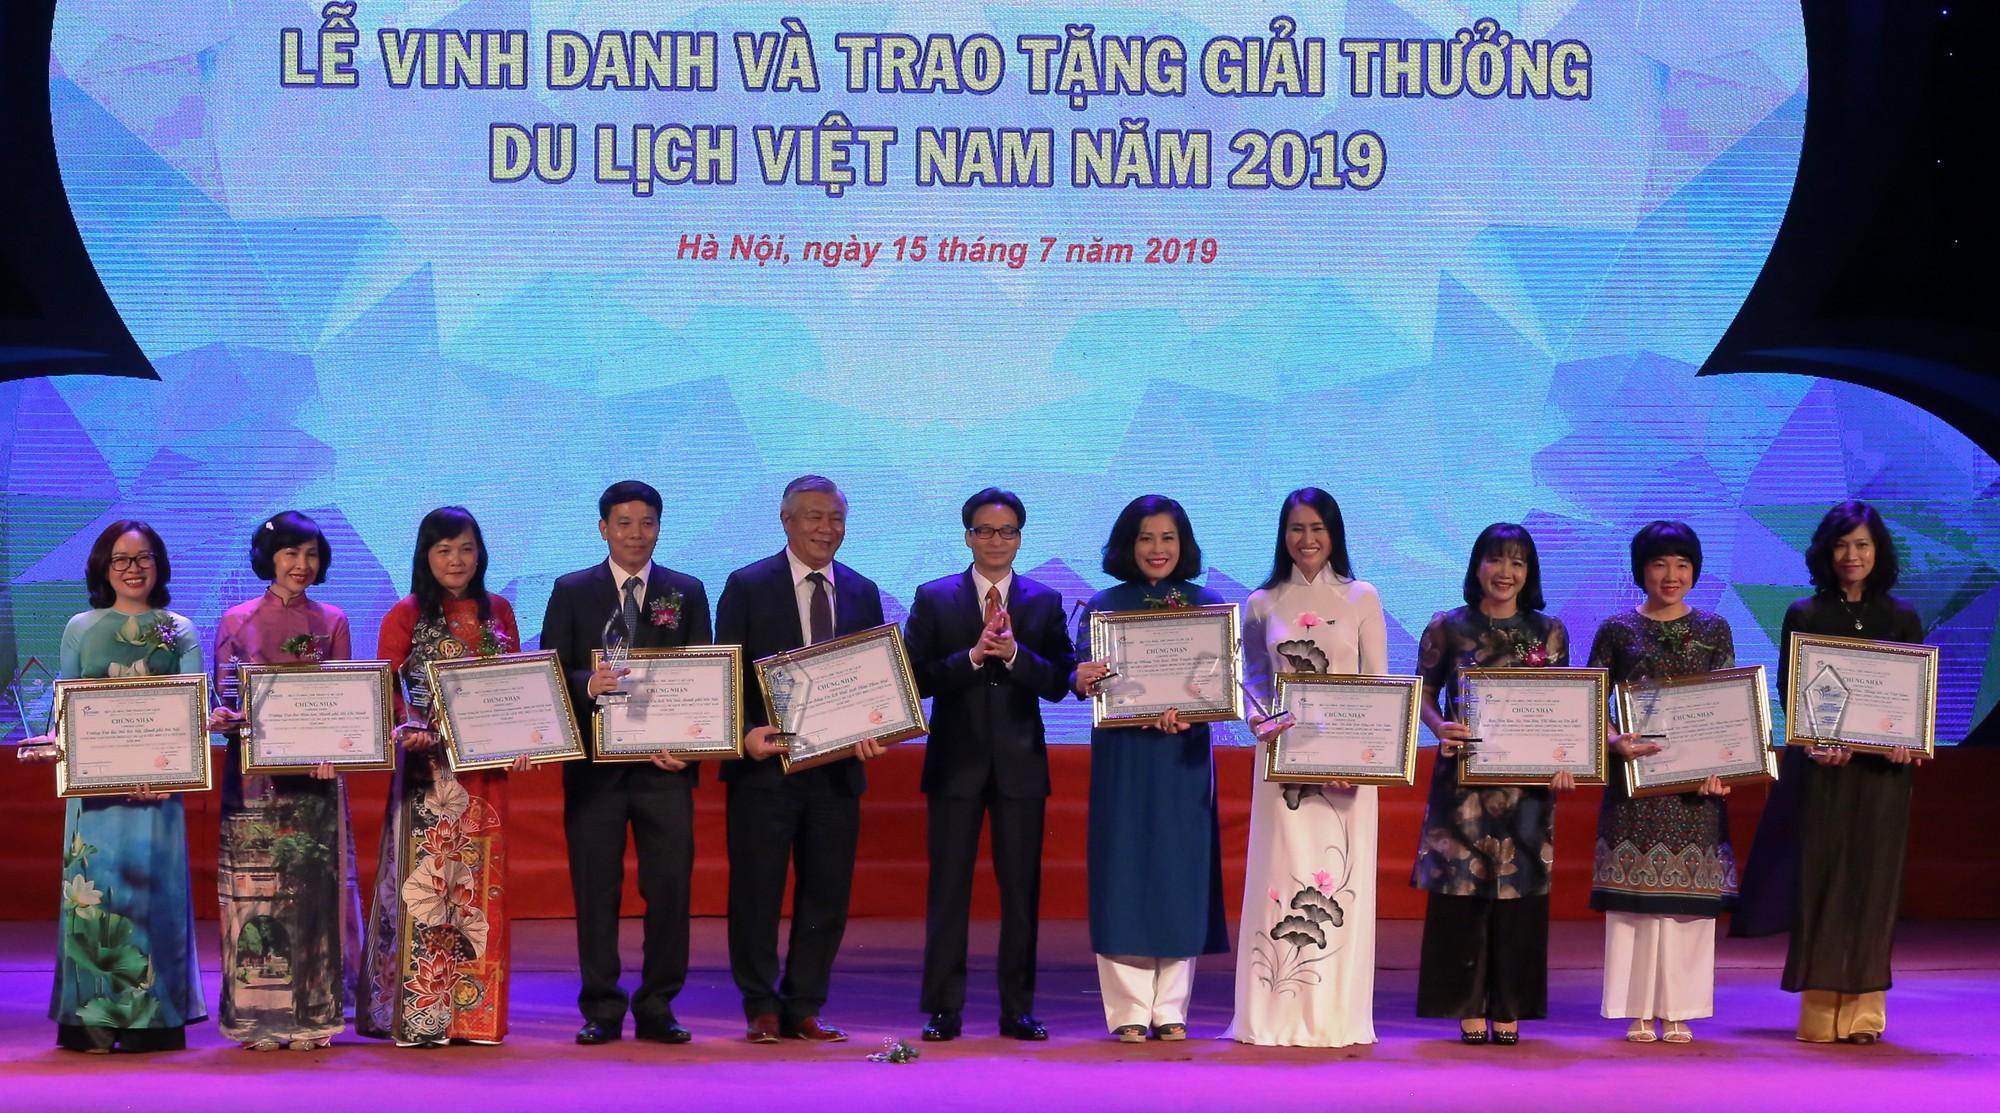 Phó Thủ tướng Vũ Đức Đam trao tặng giải thưởng cho đơn vị đào tạo nguồn nhân lực và truyền thông về du lịch.